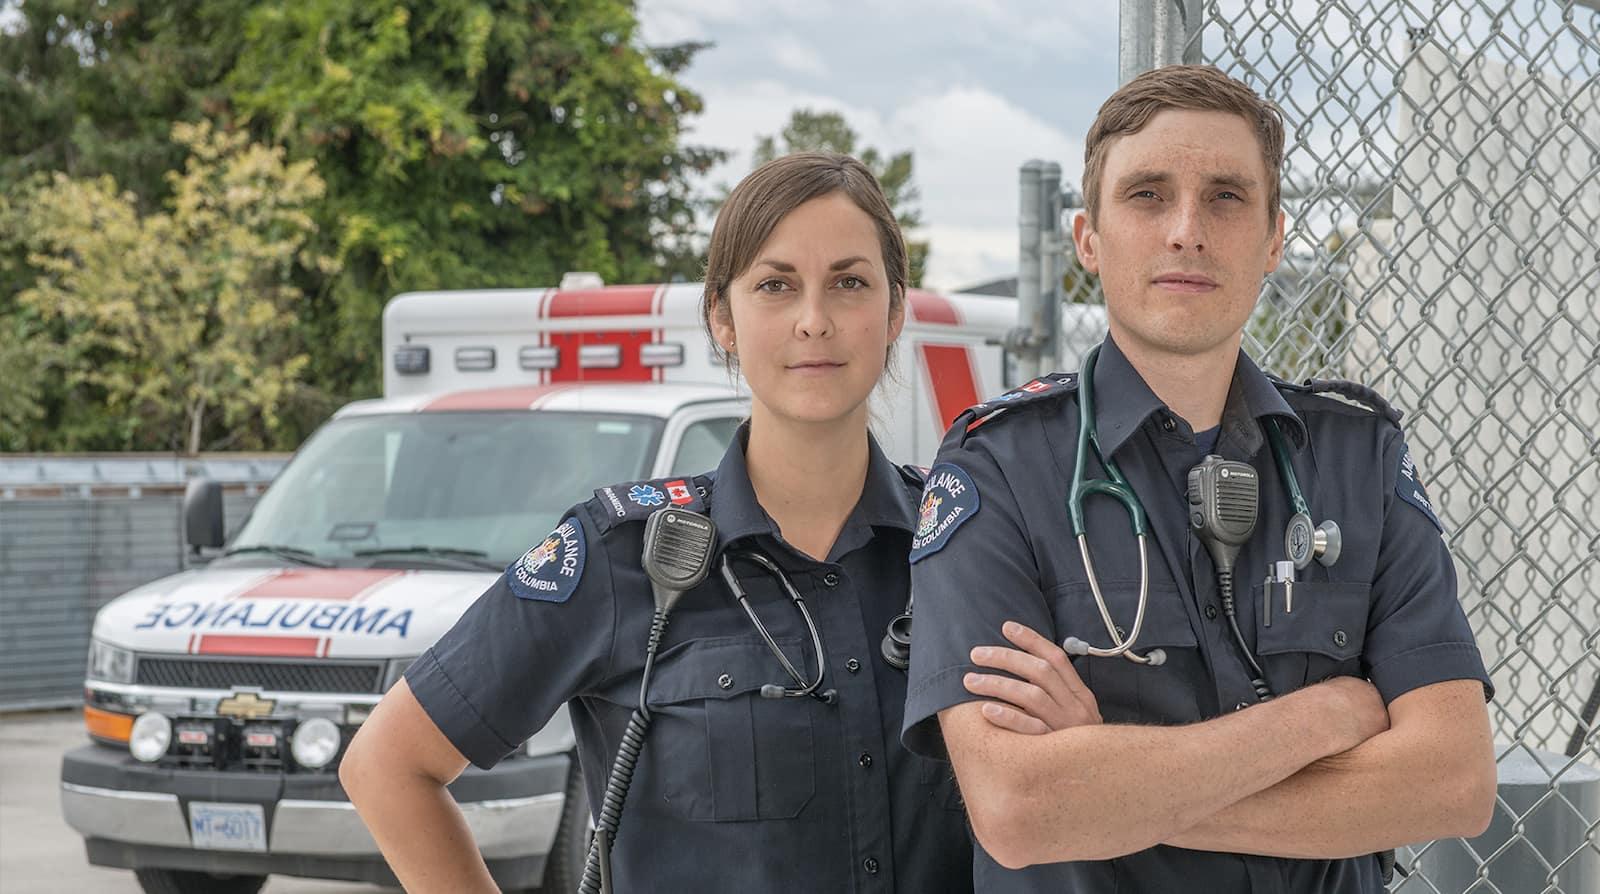 Ambulanciers : vivre dans l'urgence